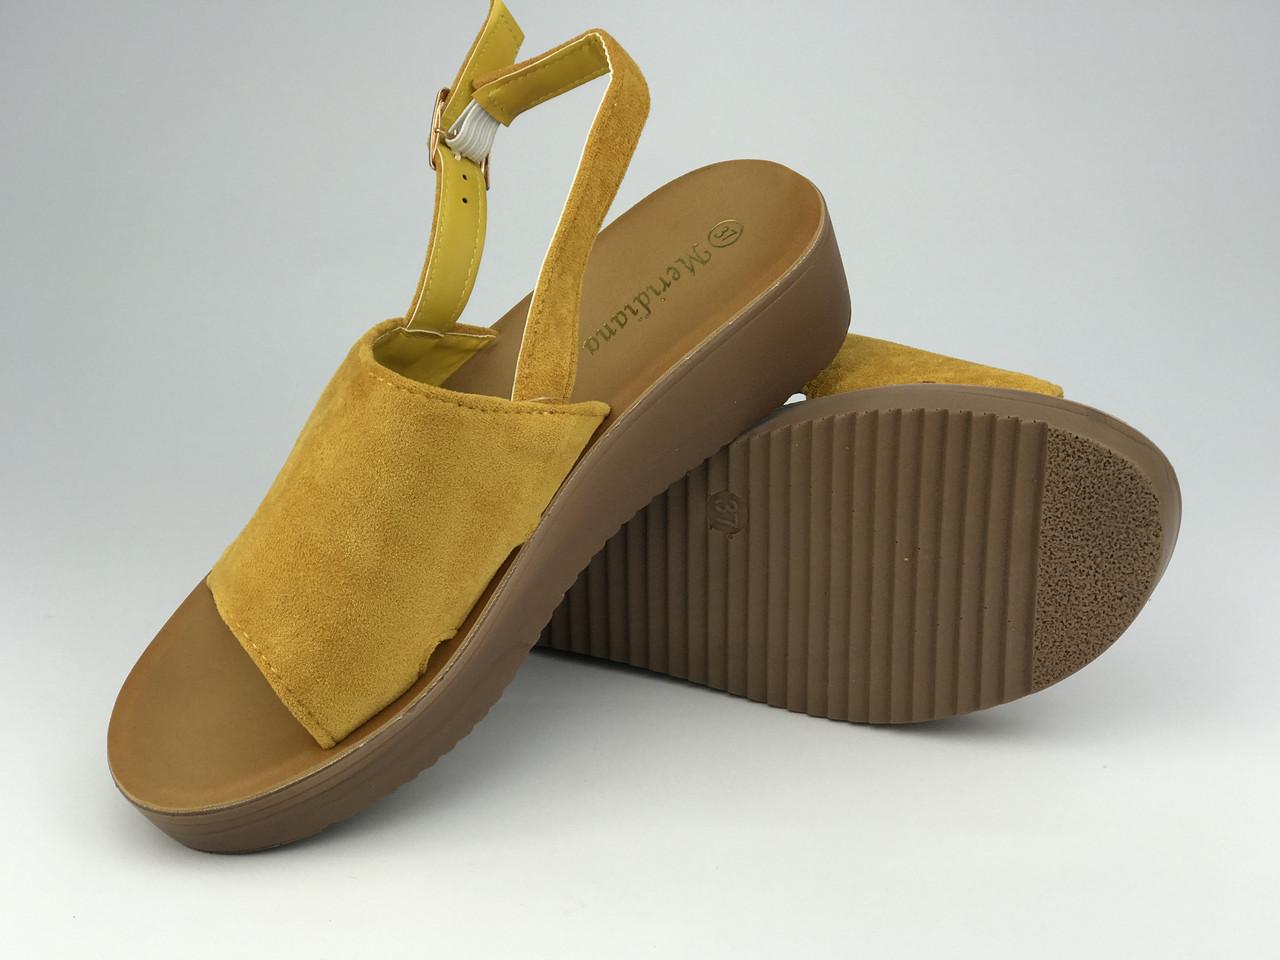 Босоніжки жіночі стильні жовті Meridiana